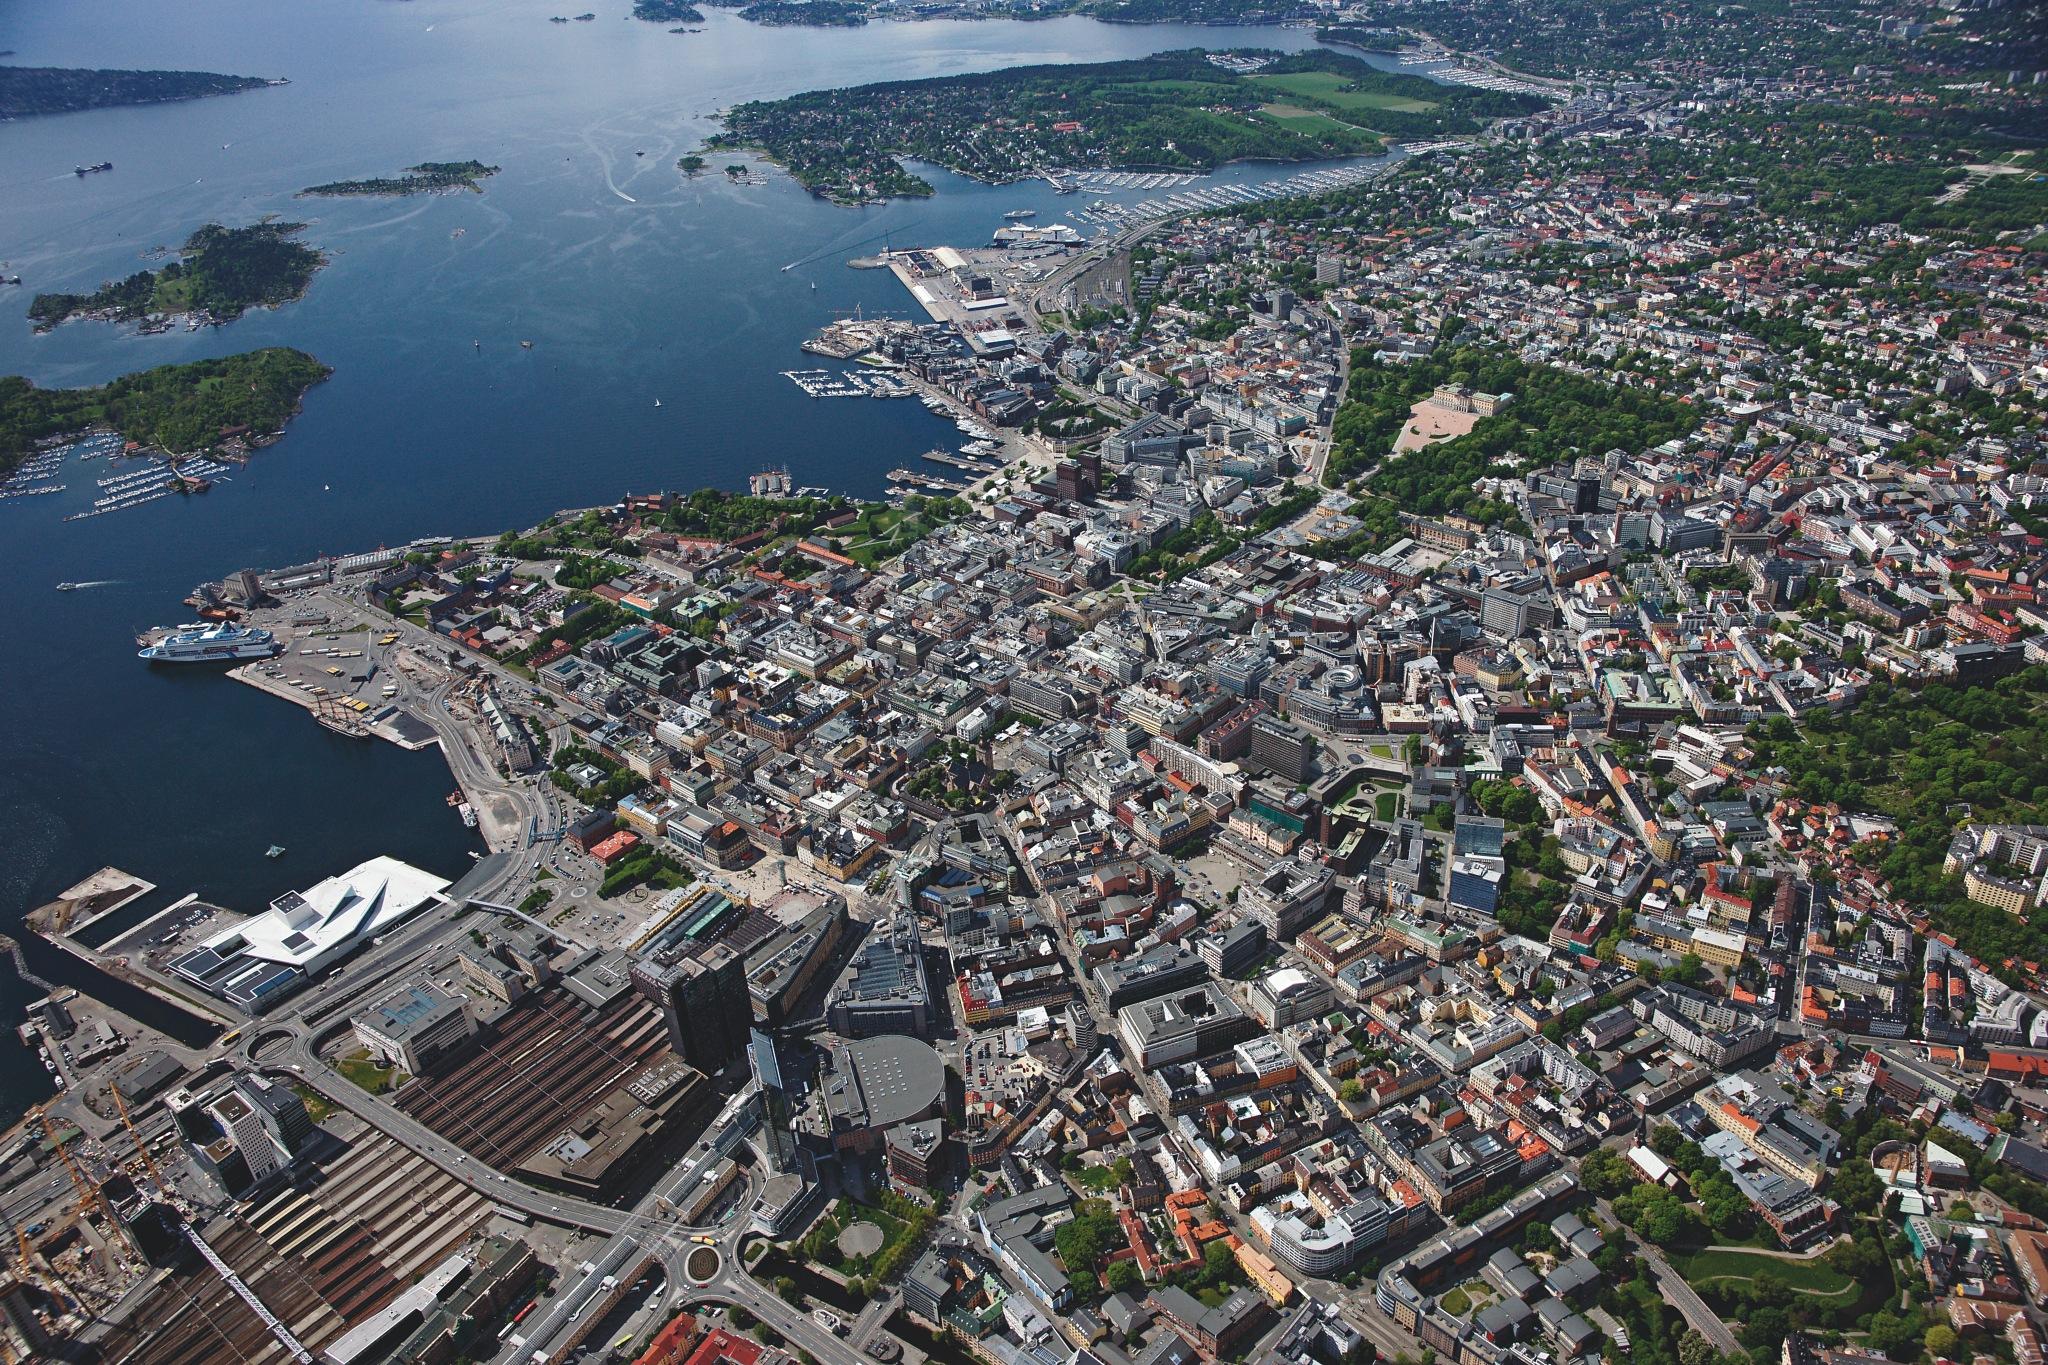 Oslo, Norway by Lasse Tur